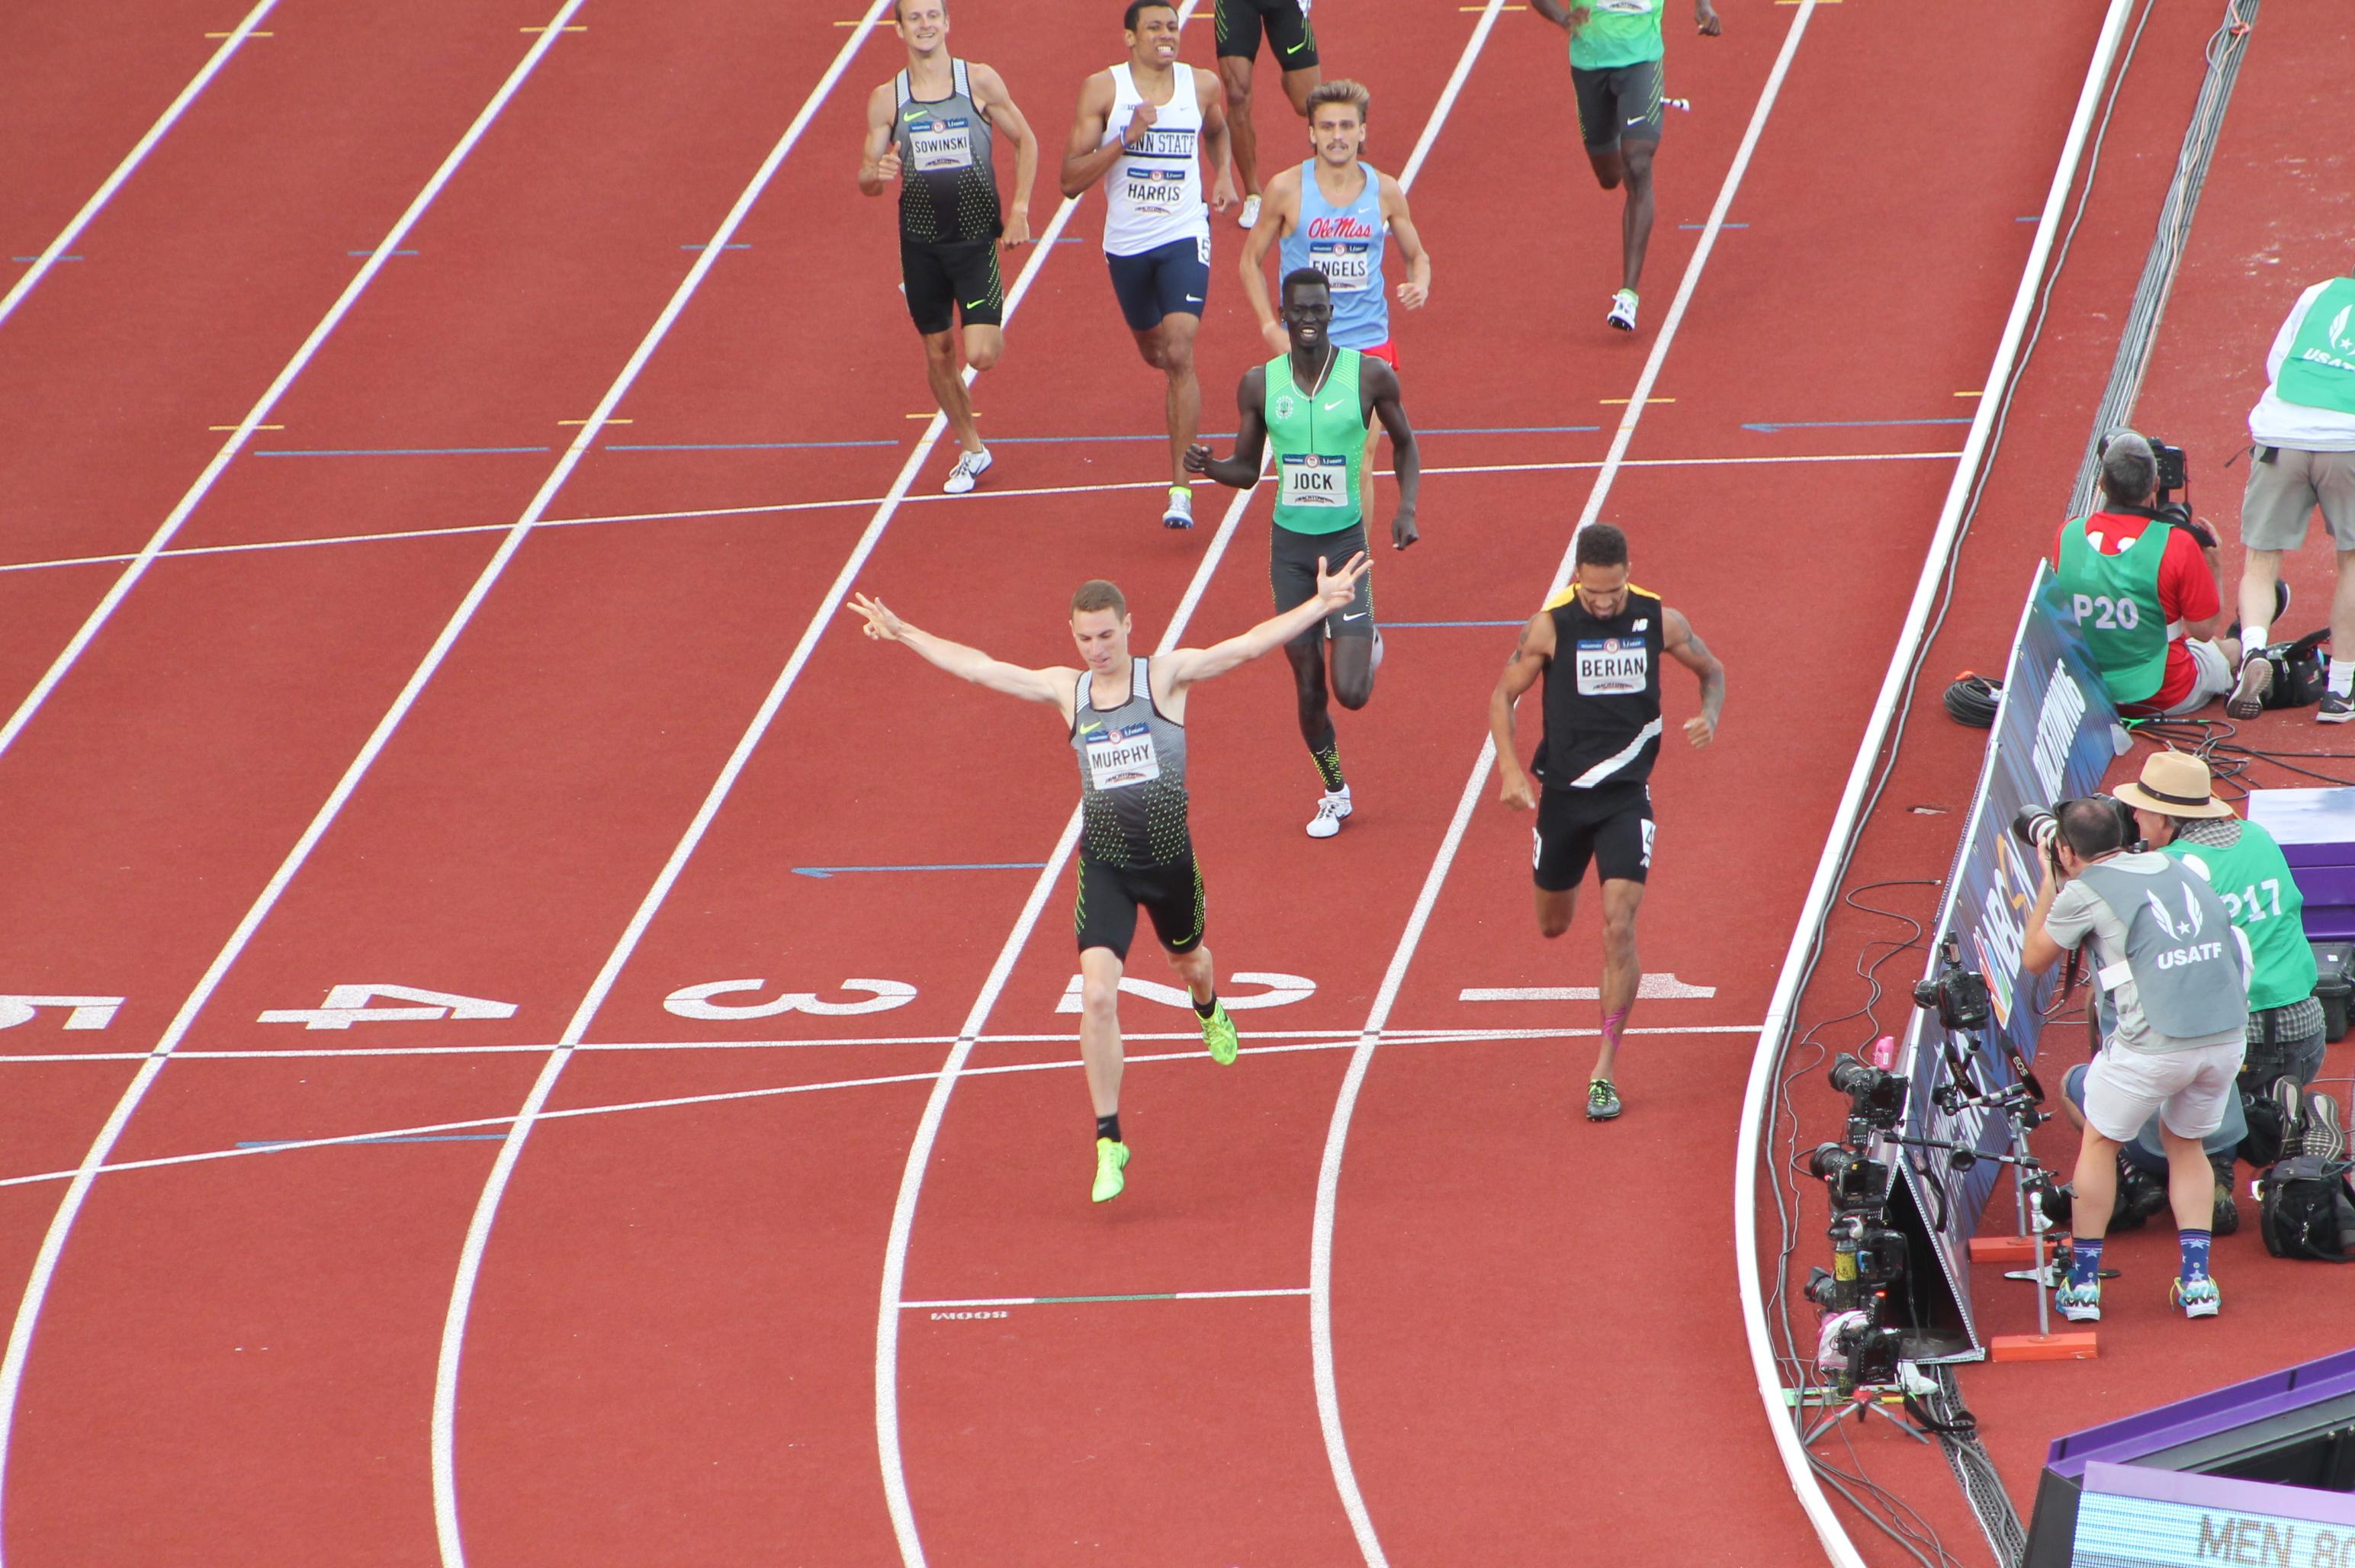 Recap of USATF Olympic Trials